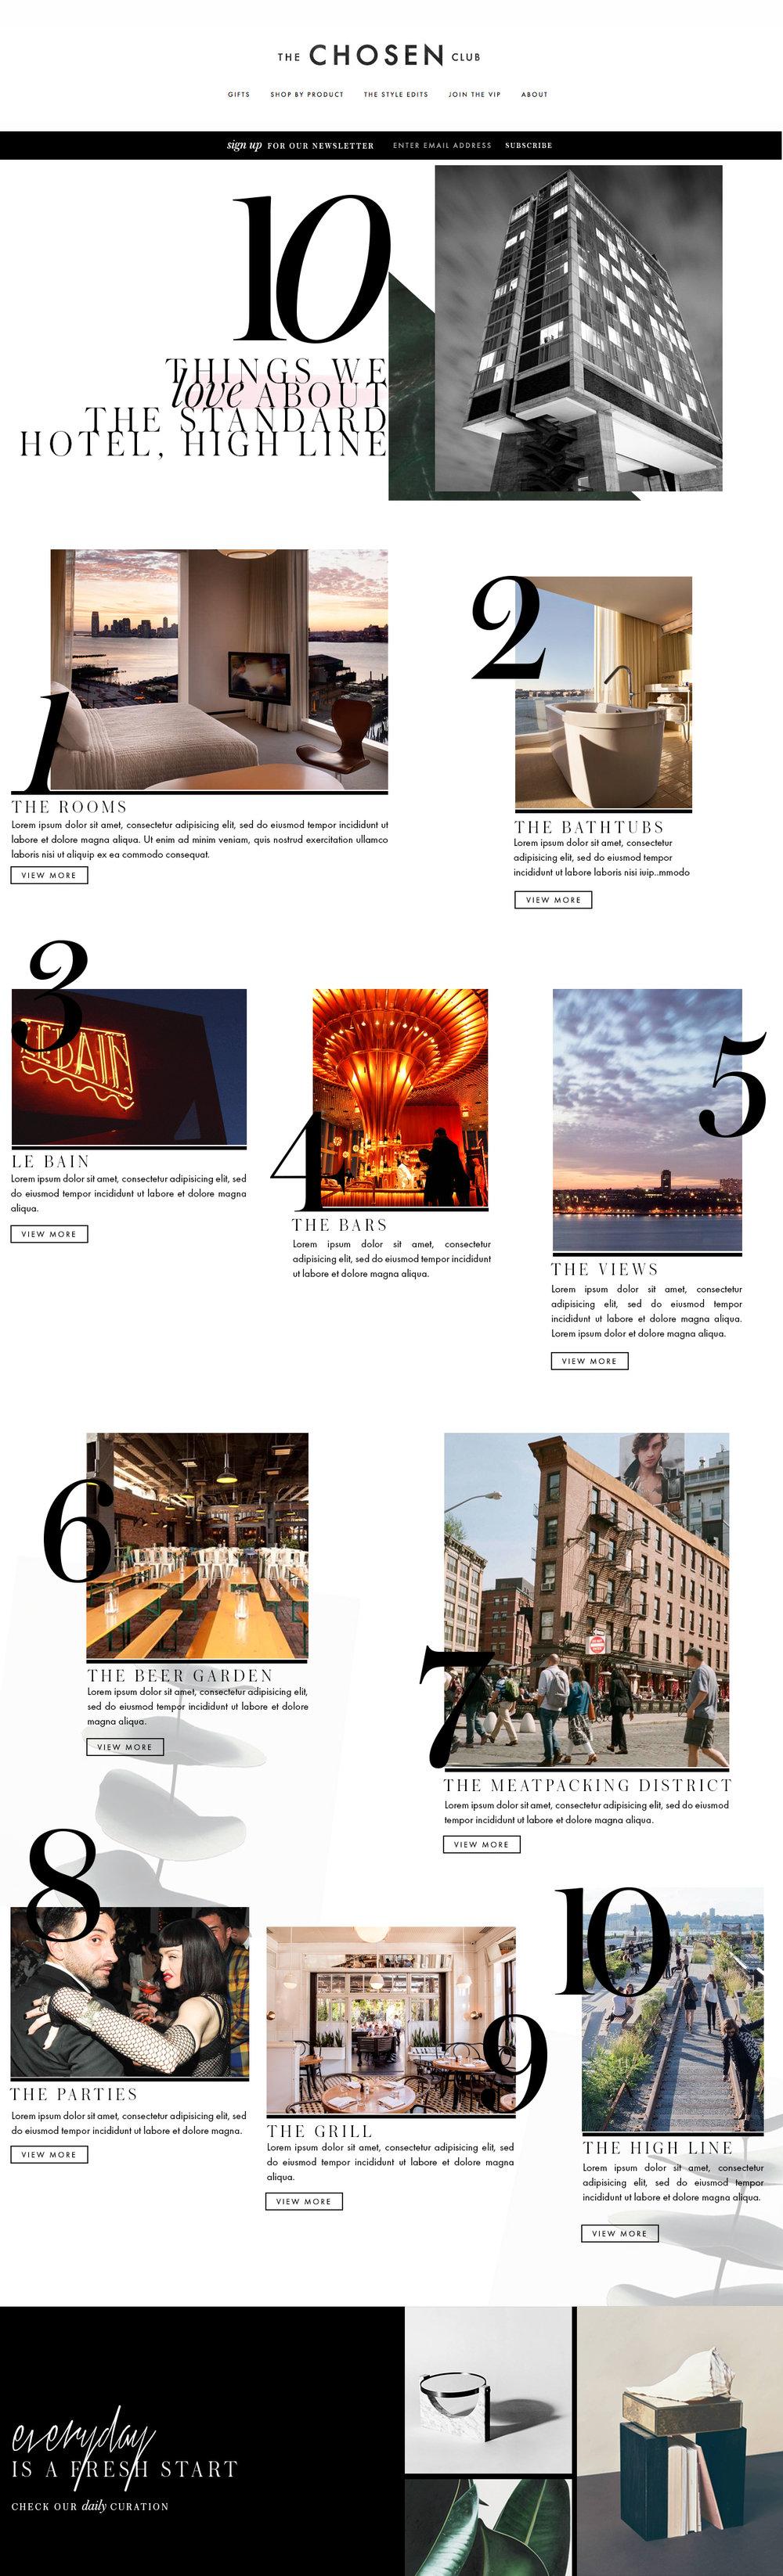 top10_standard hotel.jpg